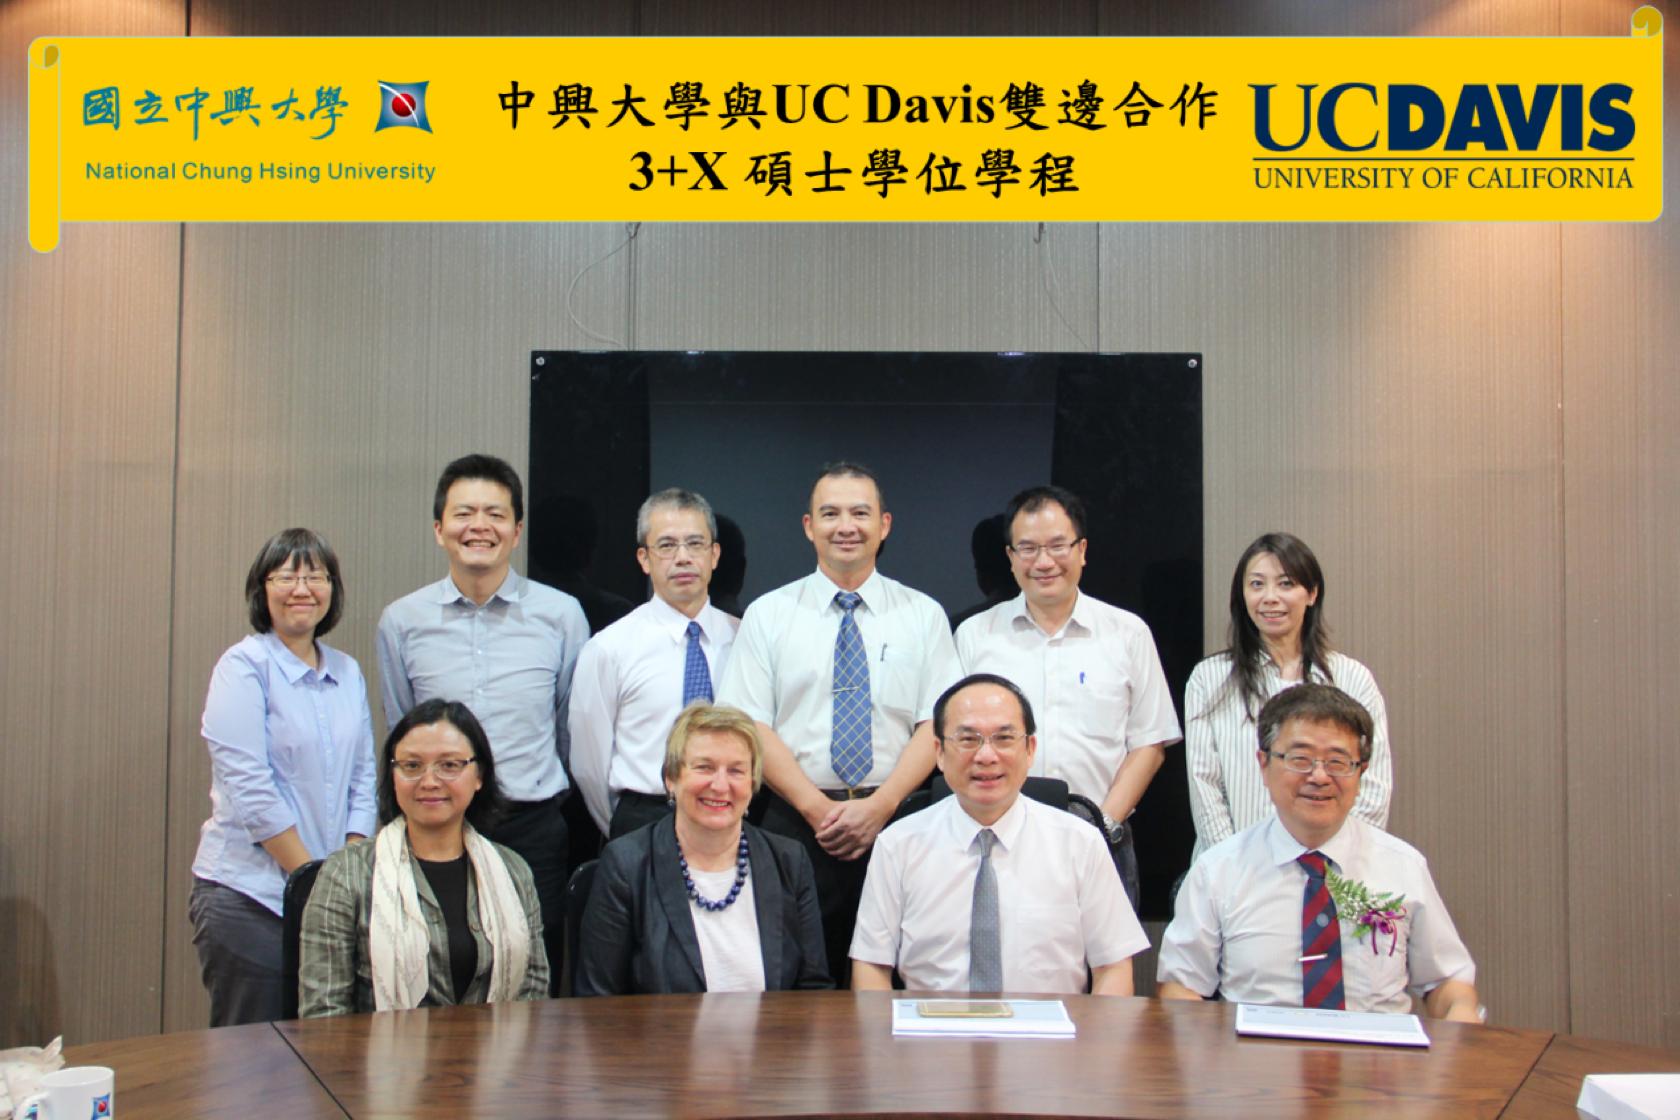 中興大學副校長楊長賢(前排右2)與校內師長,偕同UCD的Joanna Regulska博士(前排左2)及 UCD 的Linxia Liang博士(前排左1)洽談中興大學與UC Davis雙邊合作3+X 碩士學位學程簽約事宜及合影。